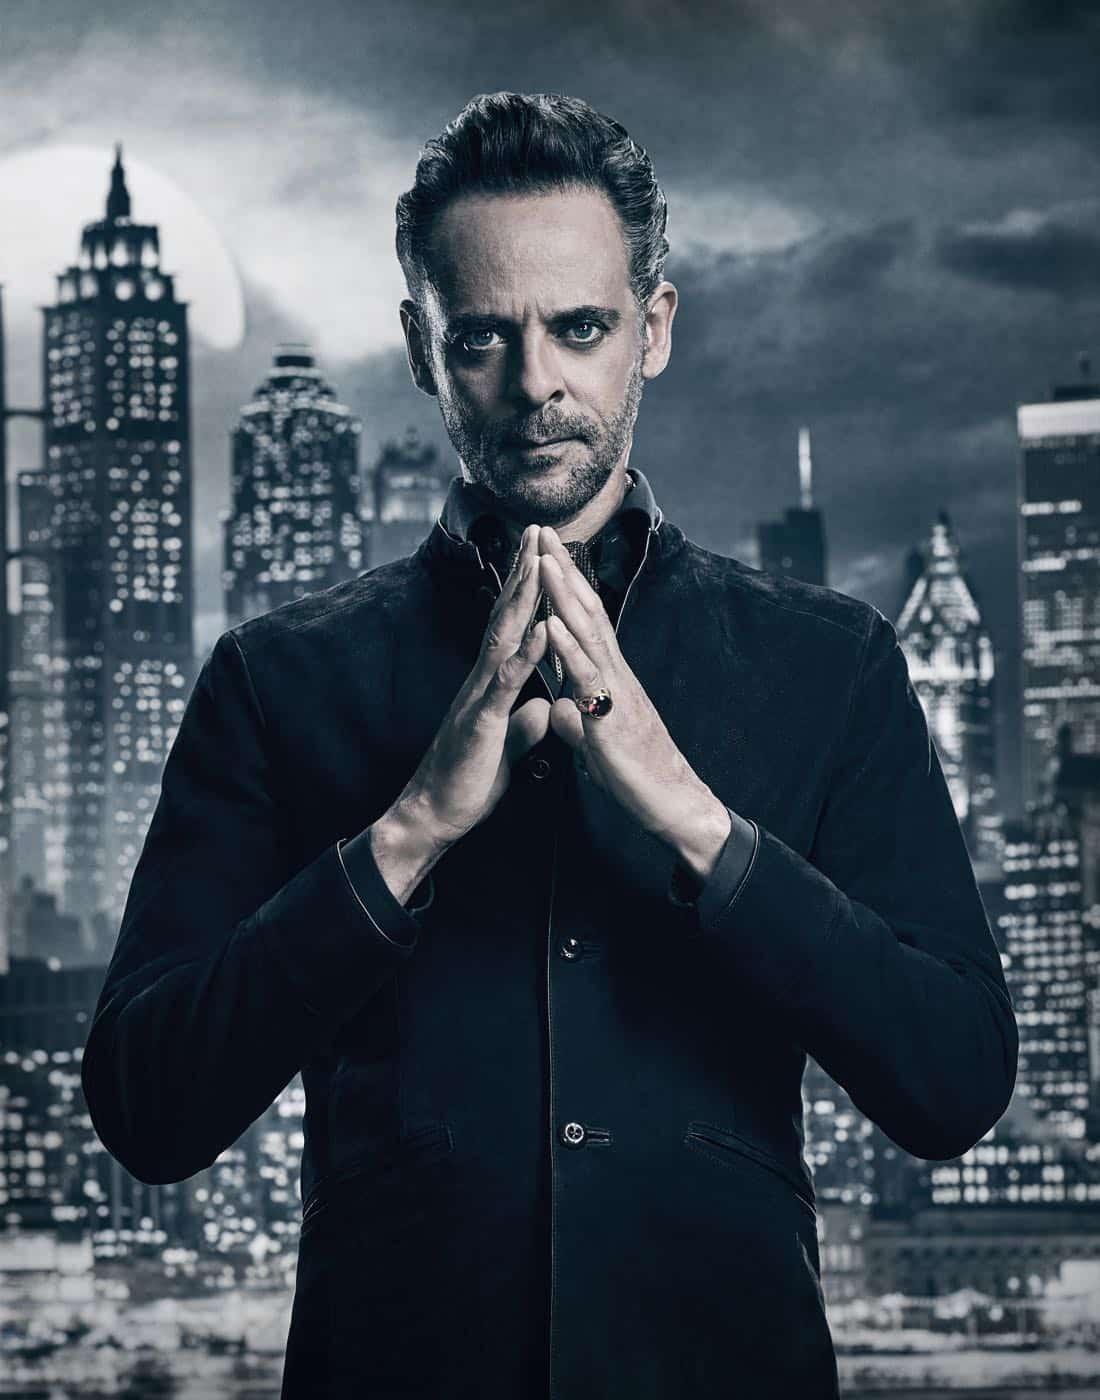 Alexander Siddig. Season 4 of GOTHAM